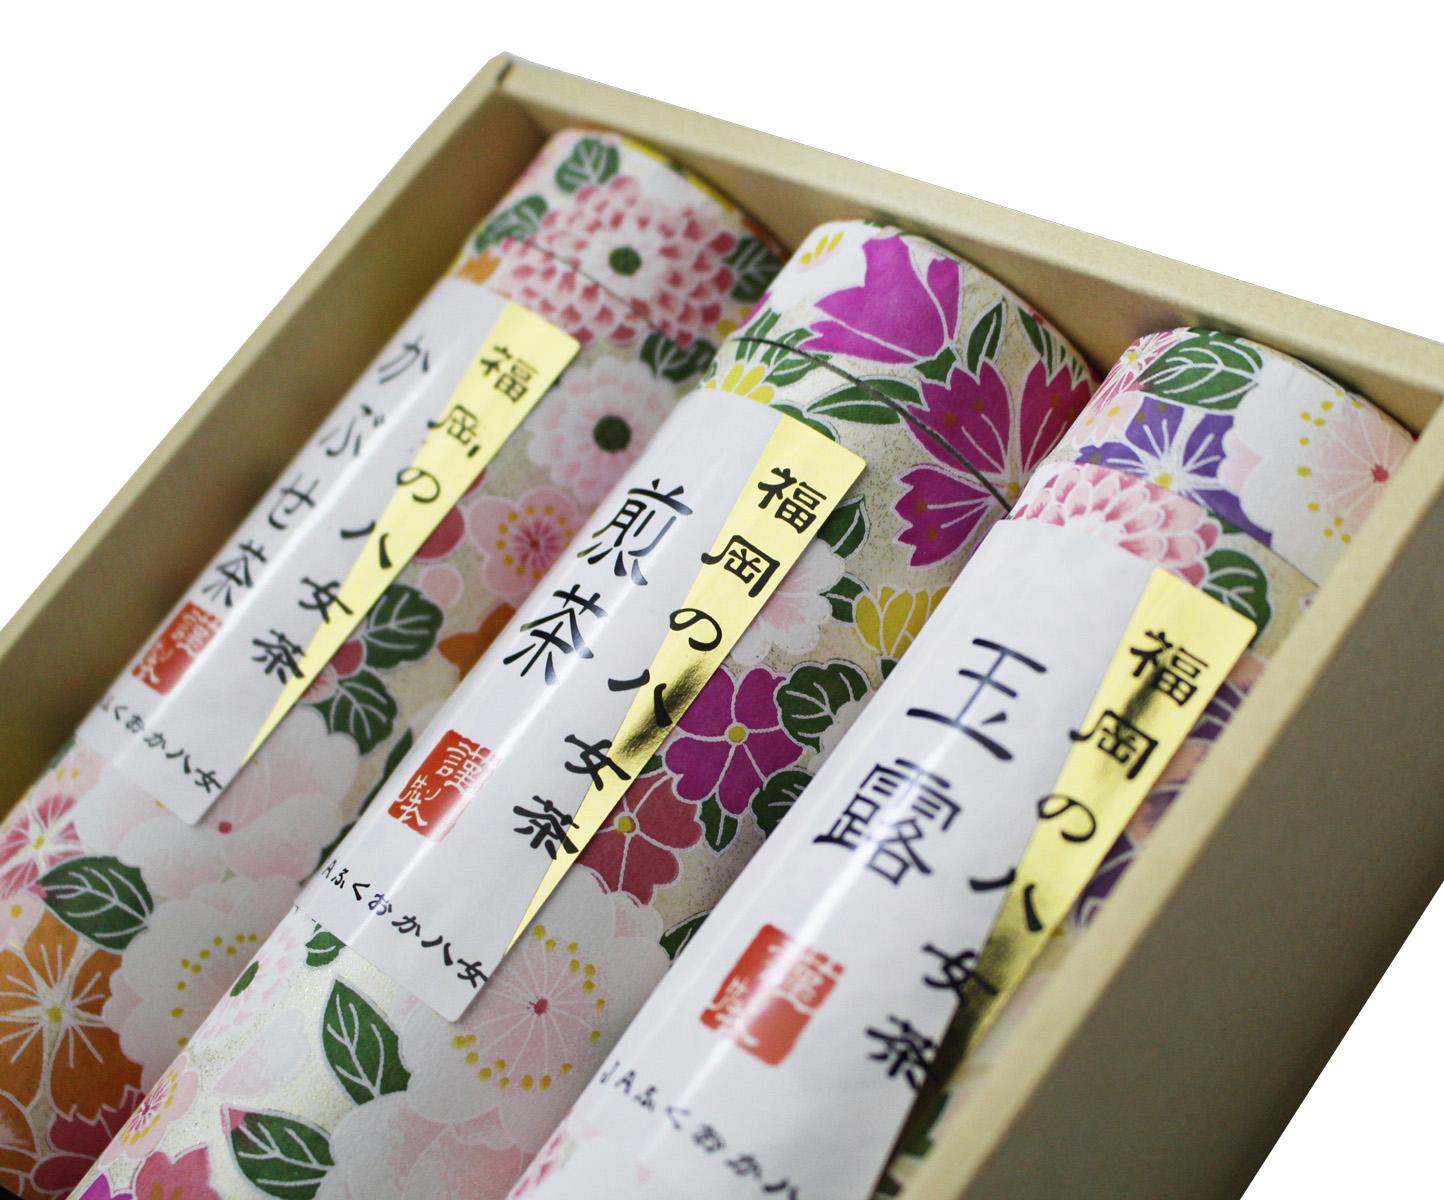 3CE3 福岡の八女茶詰合せ(東峰村)